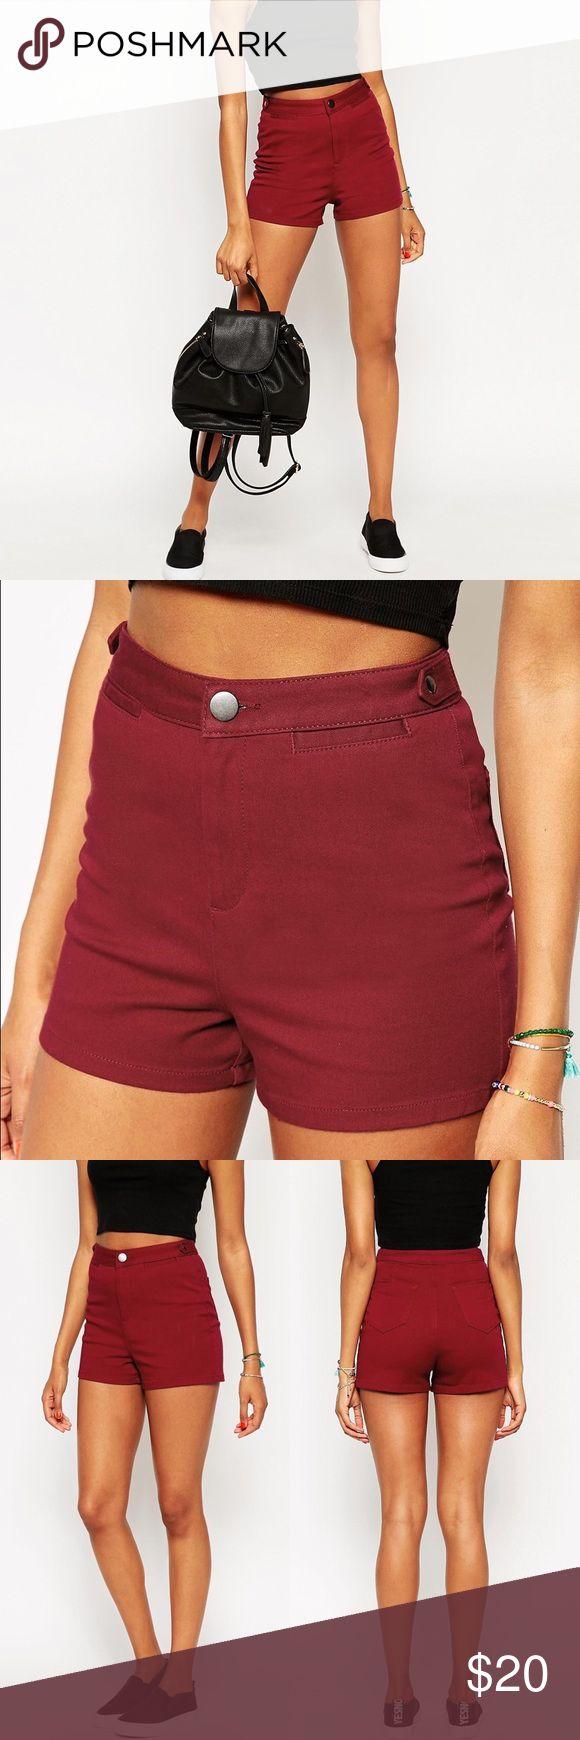 ASOS Burgundy Shorts ASOS ultimate 70's hot pants in burgundy. Size 12. ASOS Shorts